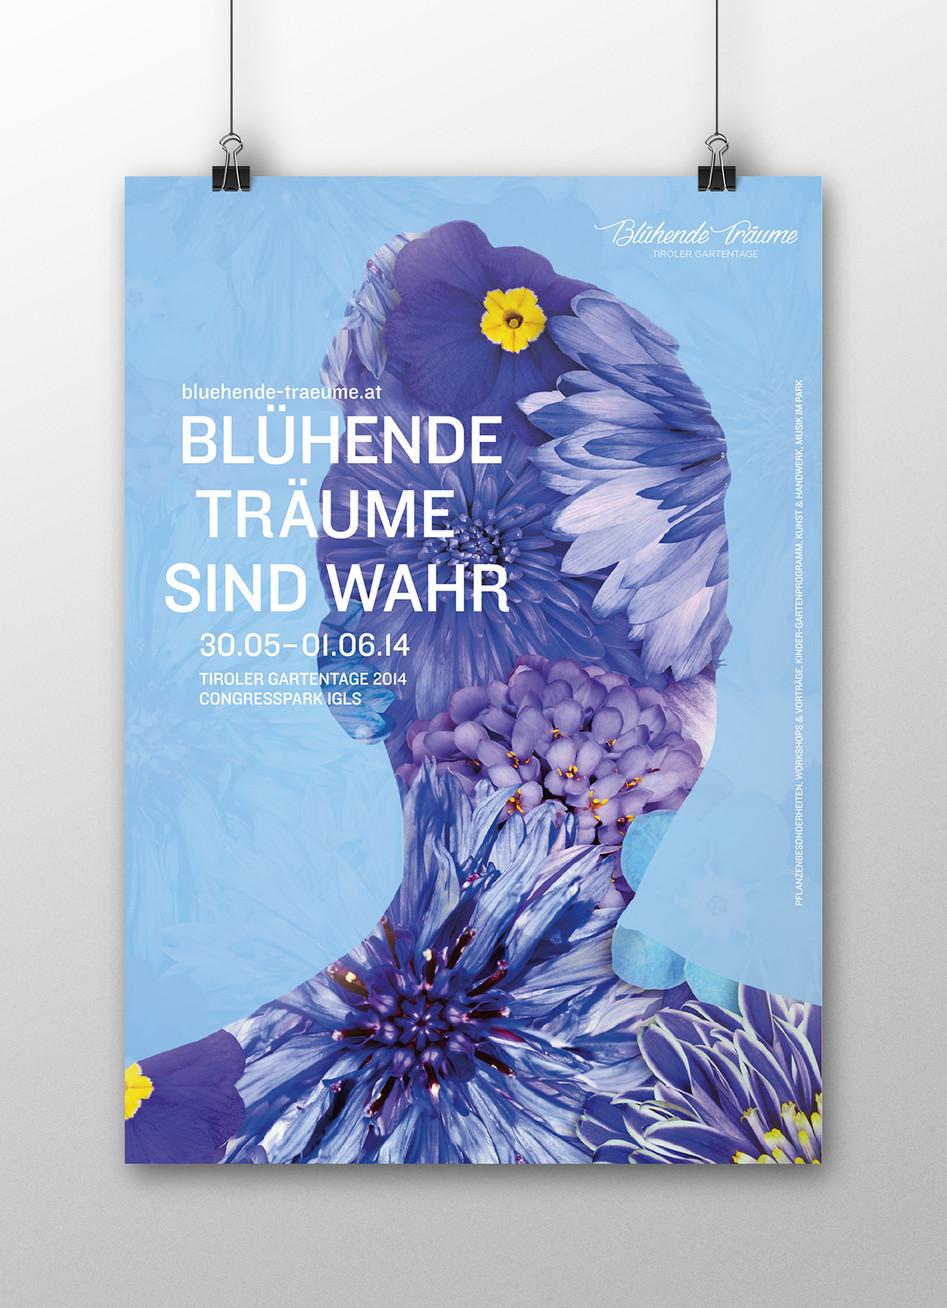 BlühendeTräume_poster_mockup-A4.jpg